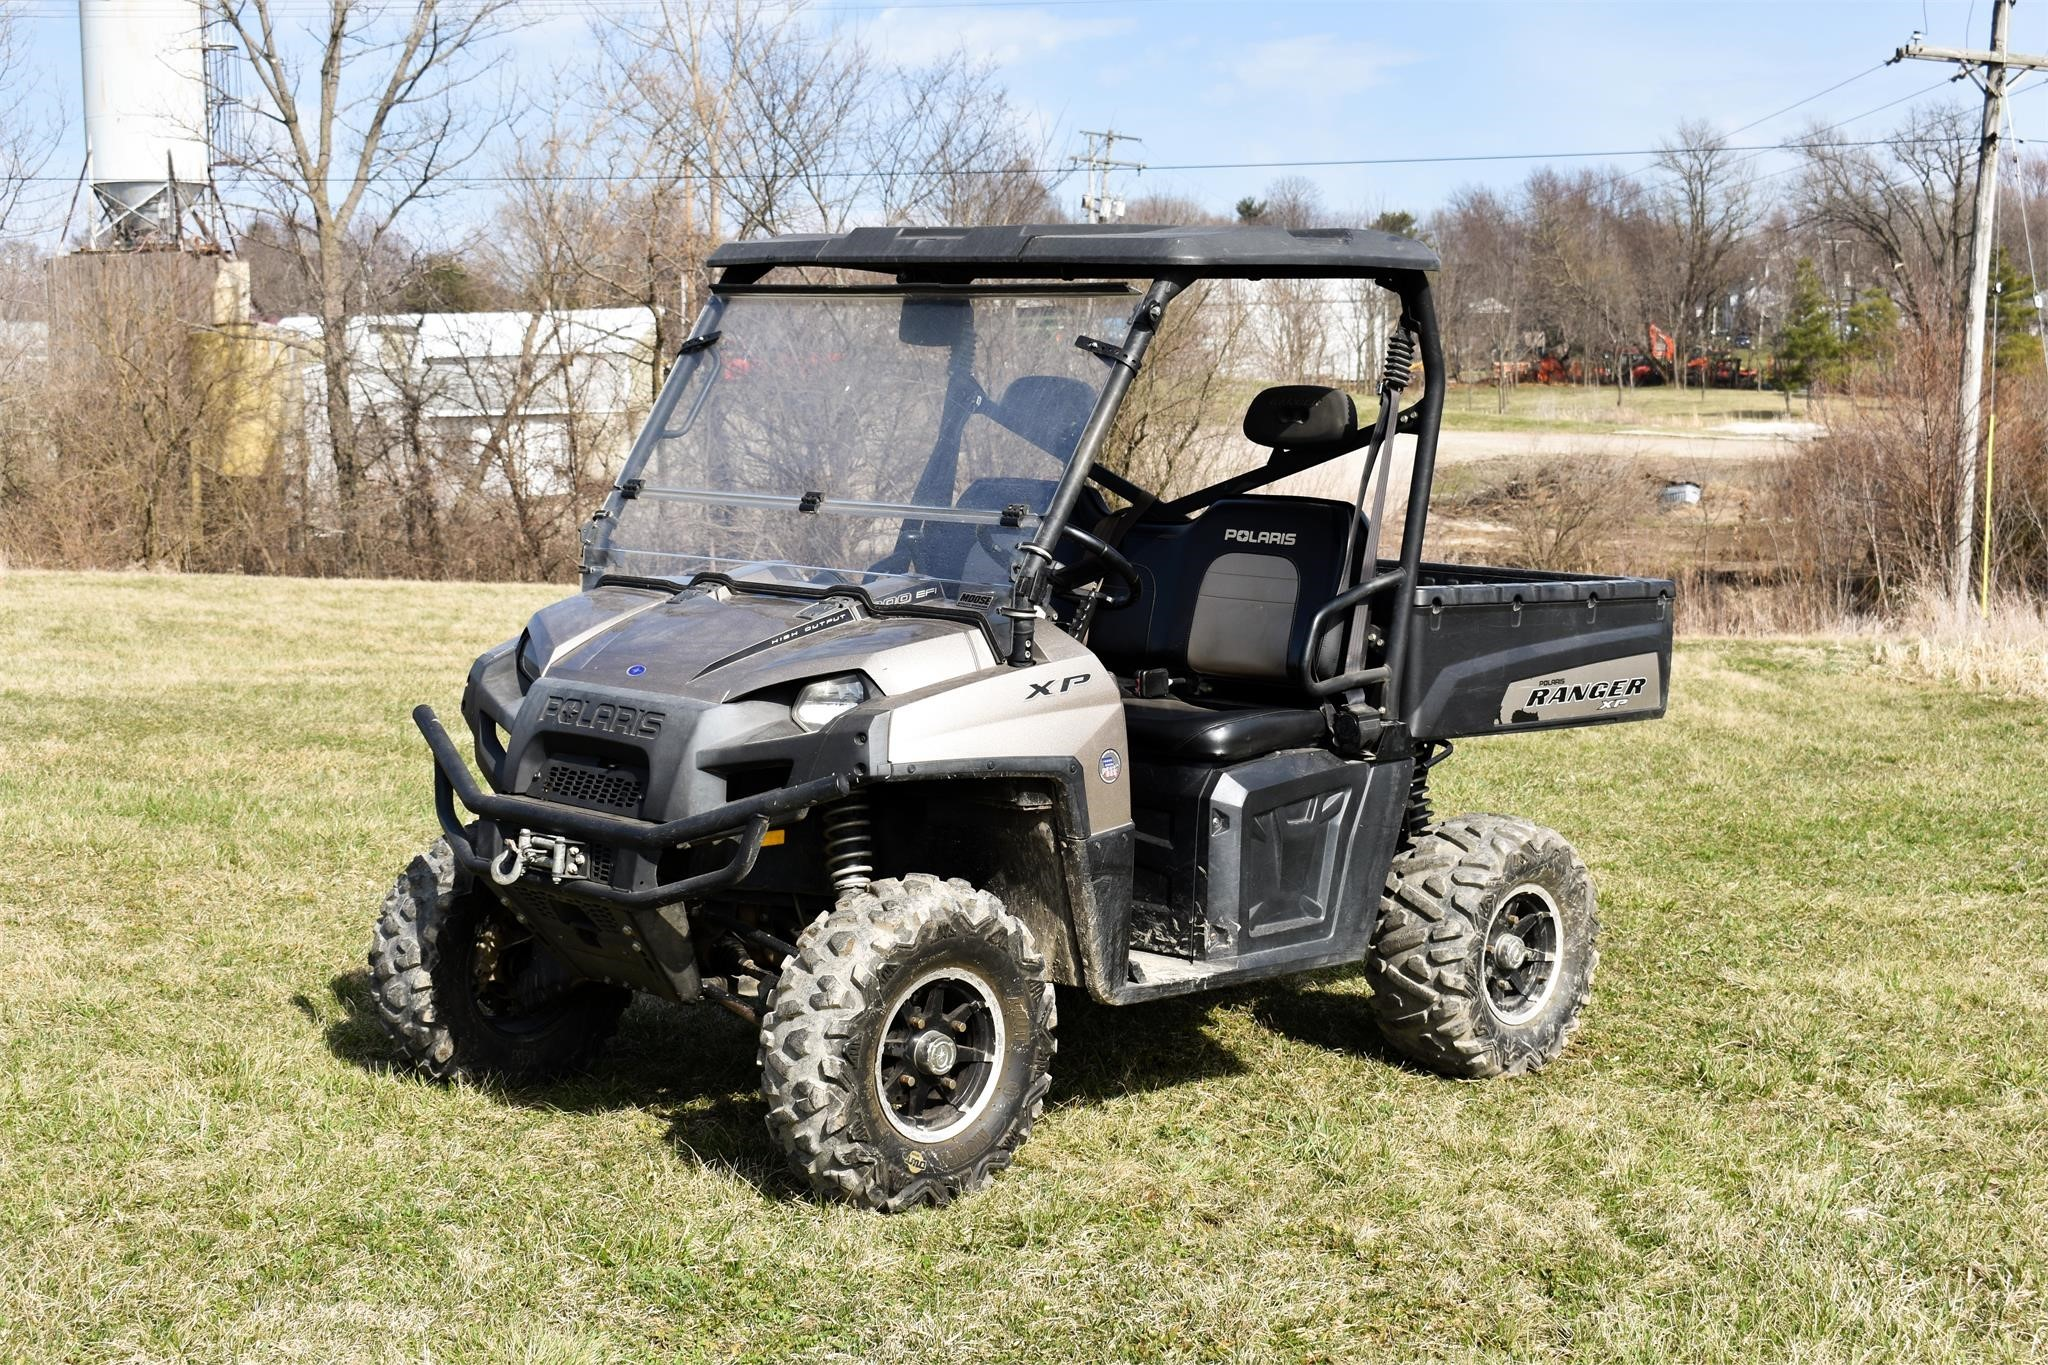 2011 Polaris Ranger 800 EPS ATVs and Utility Vehicle